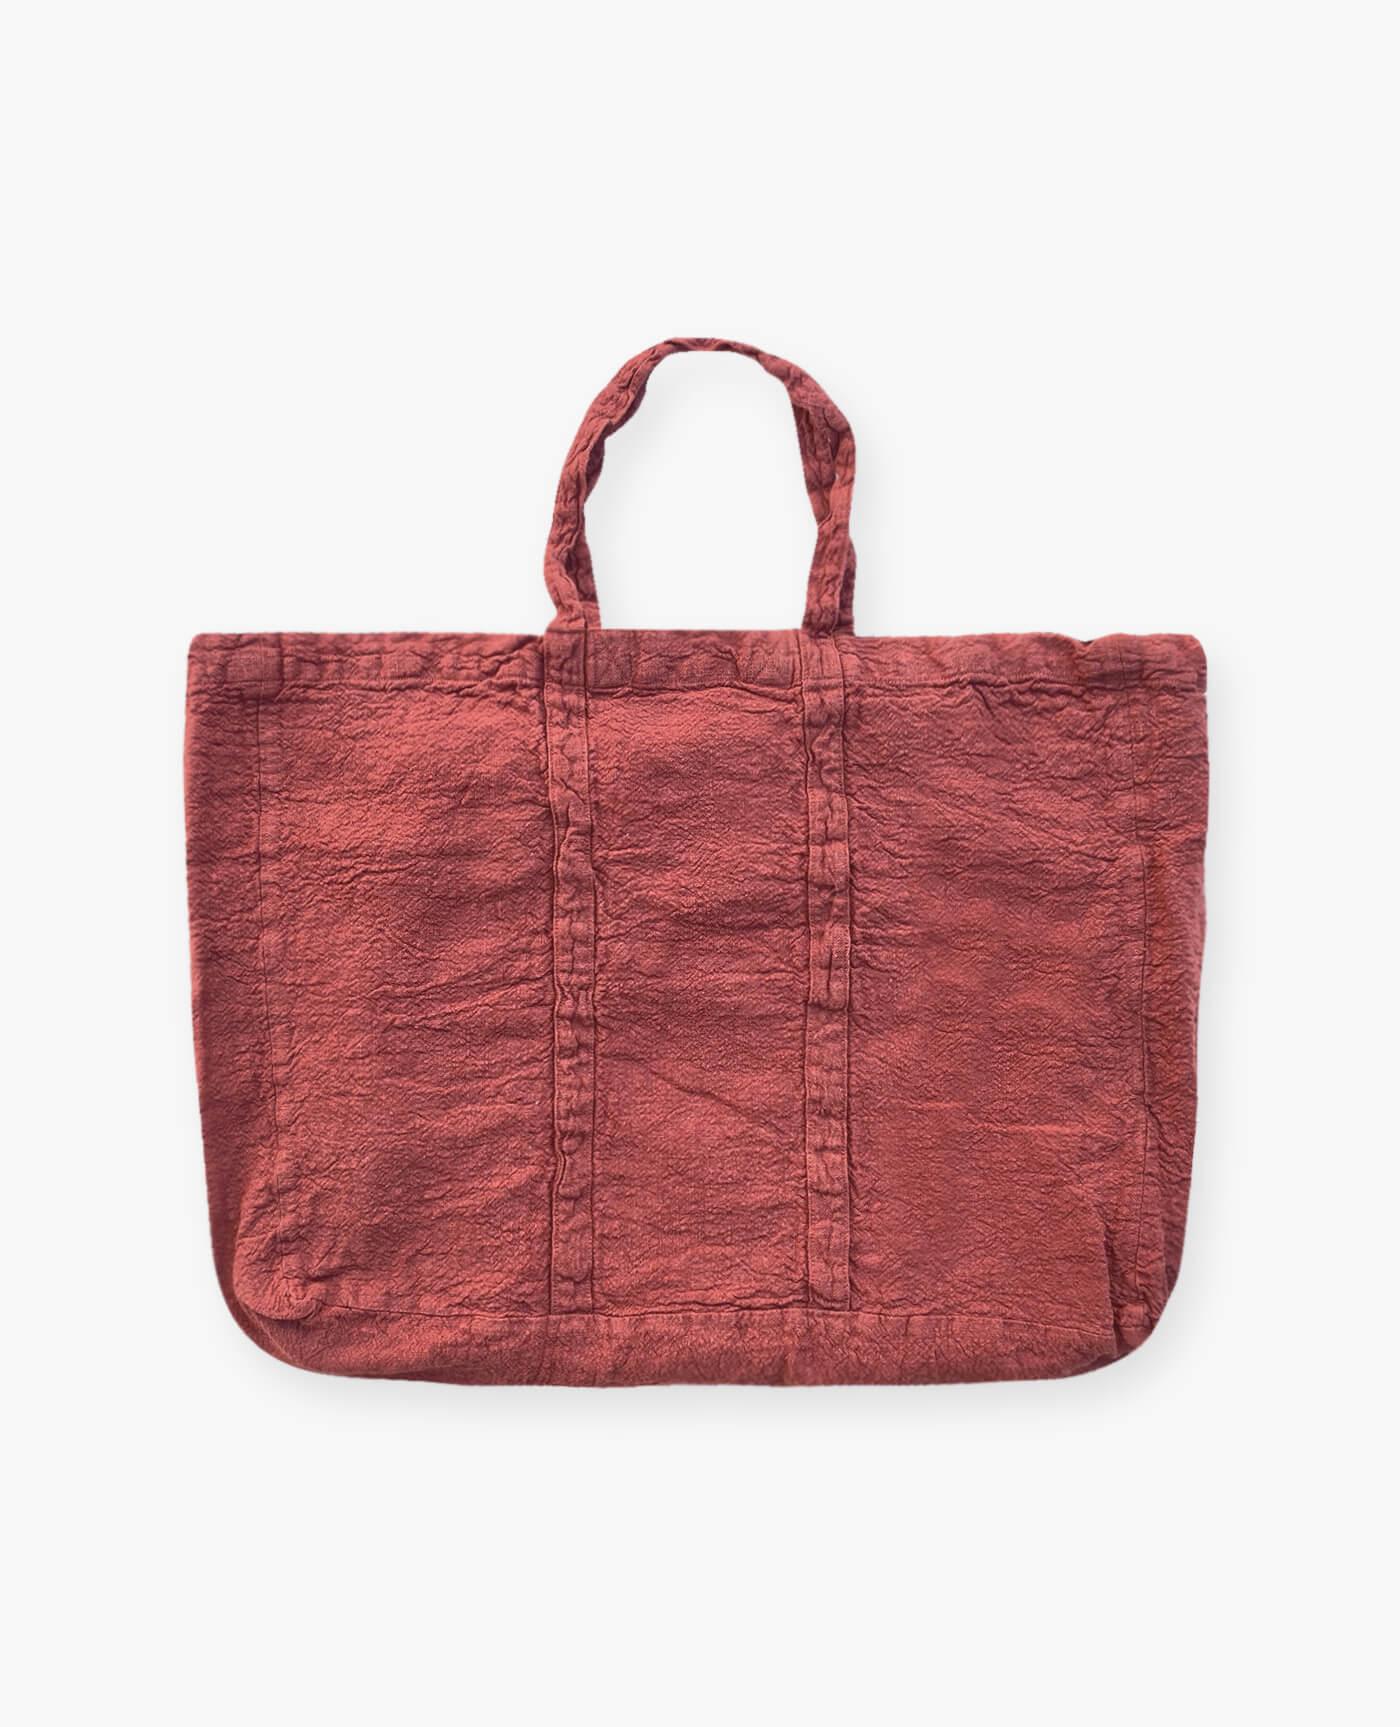 Sac de plage vegan rouge terracotta en lin français de la marque comptoir des teintures Made in France